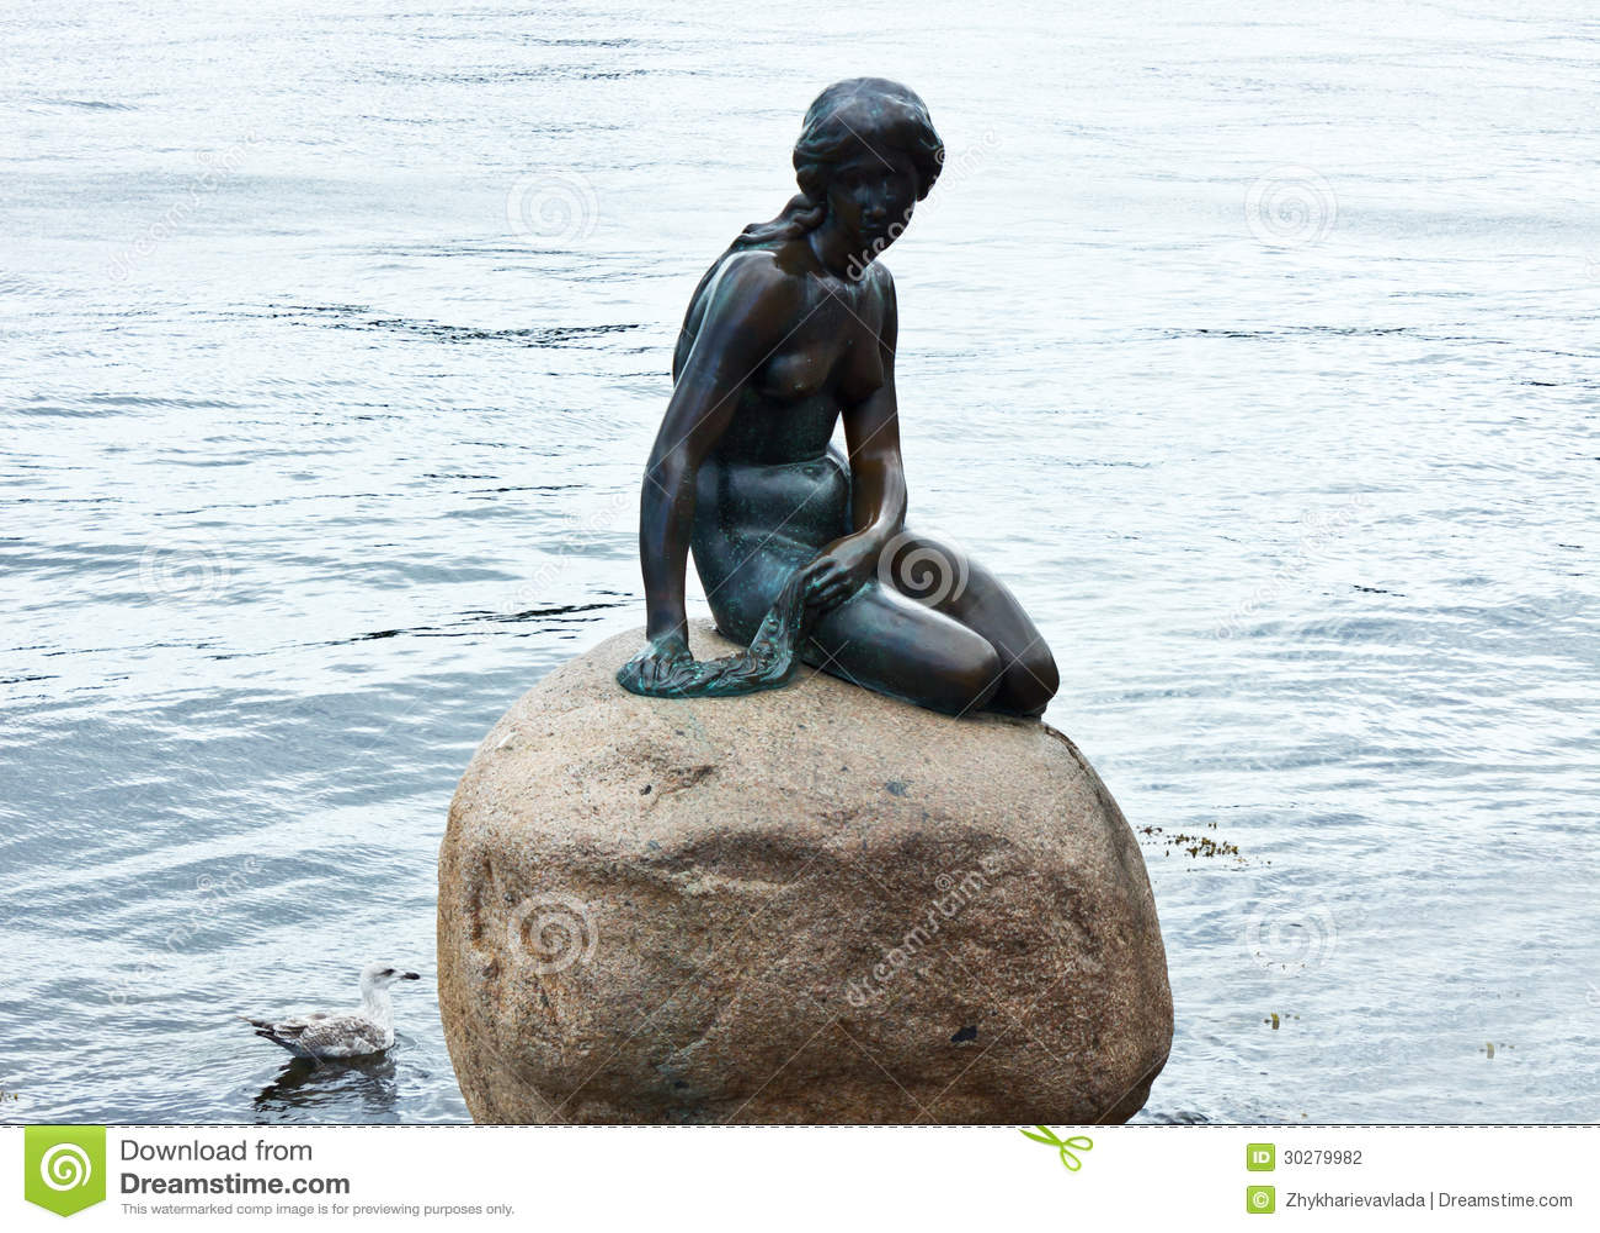 美人鱼雕塑在哥本哈根